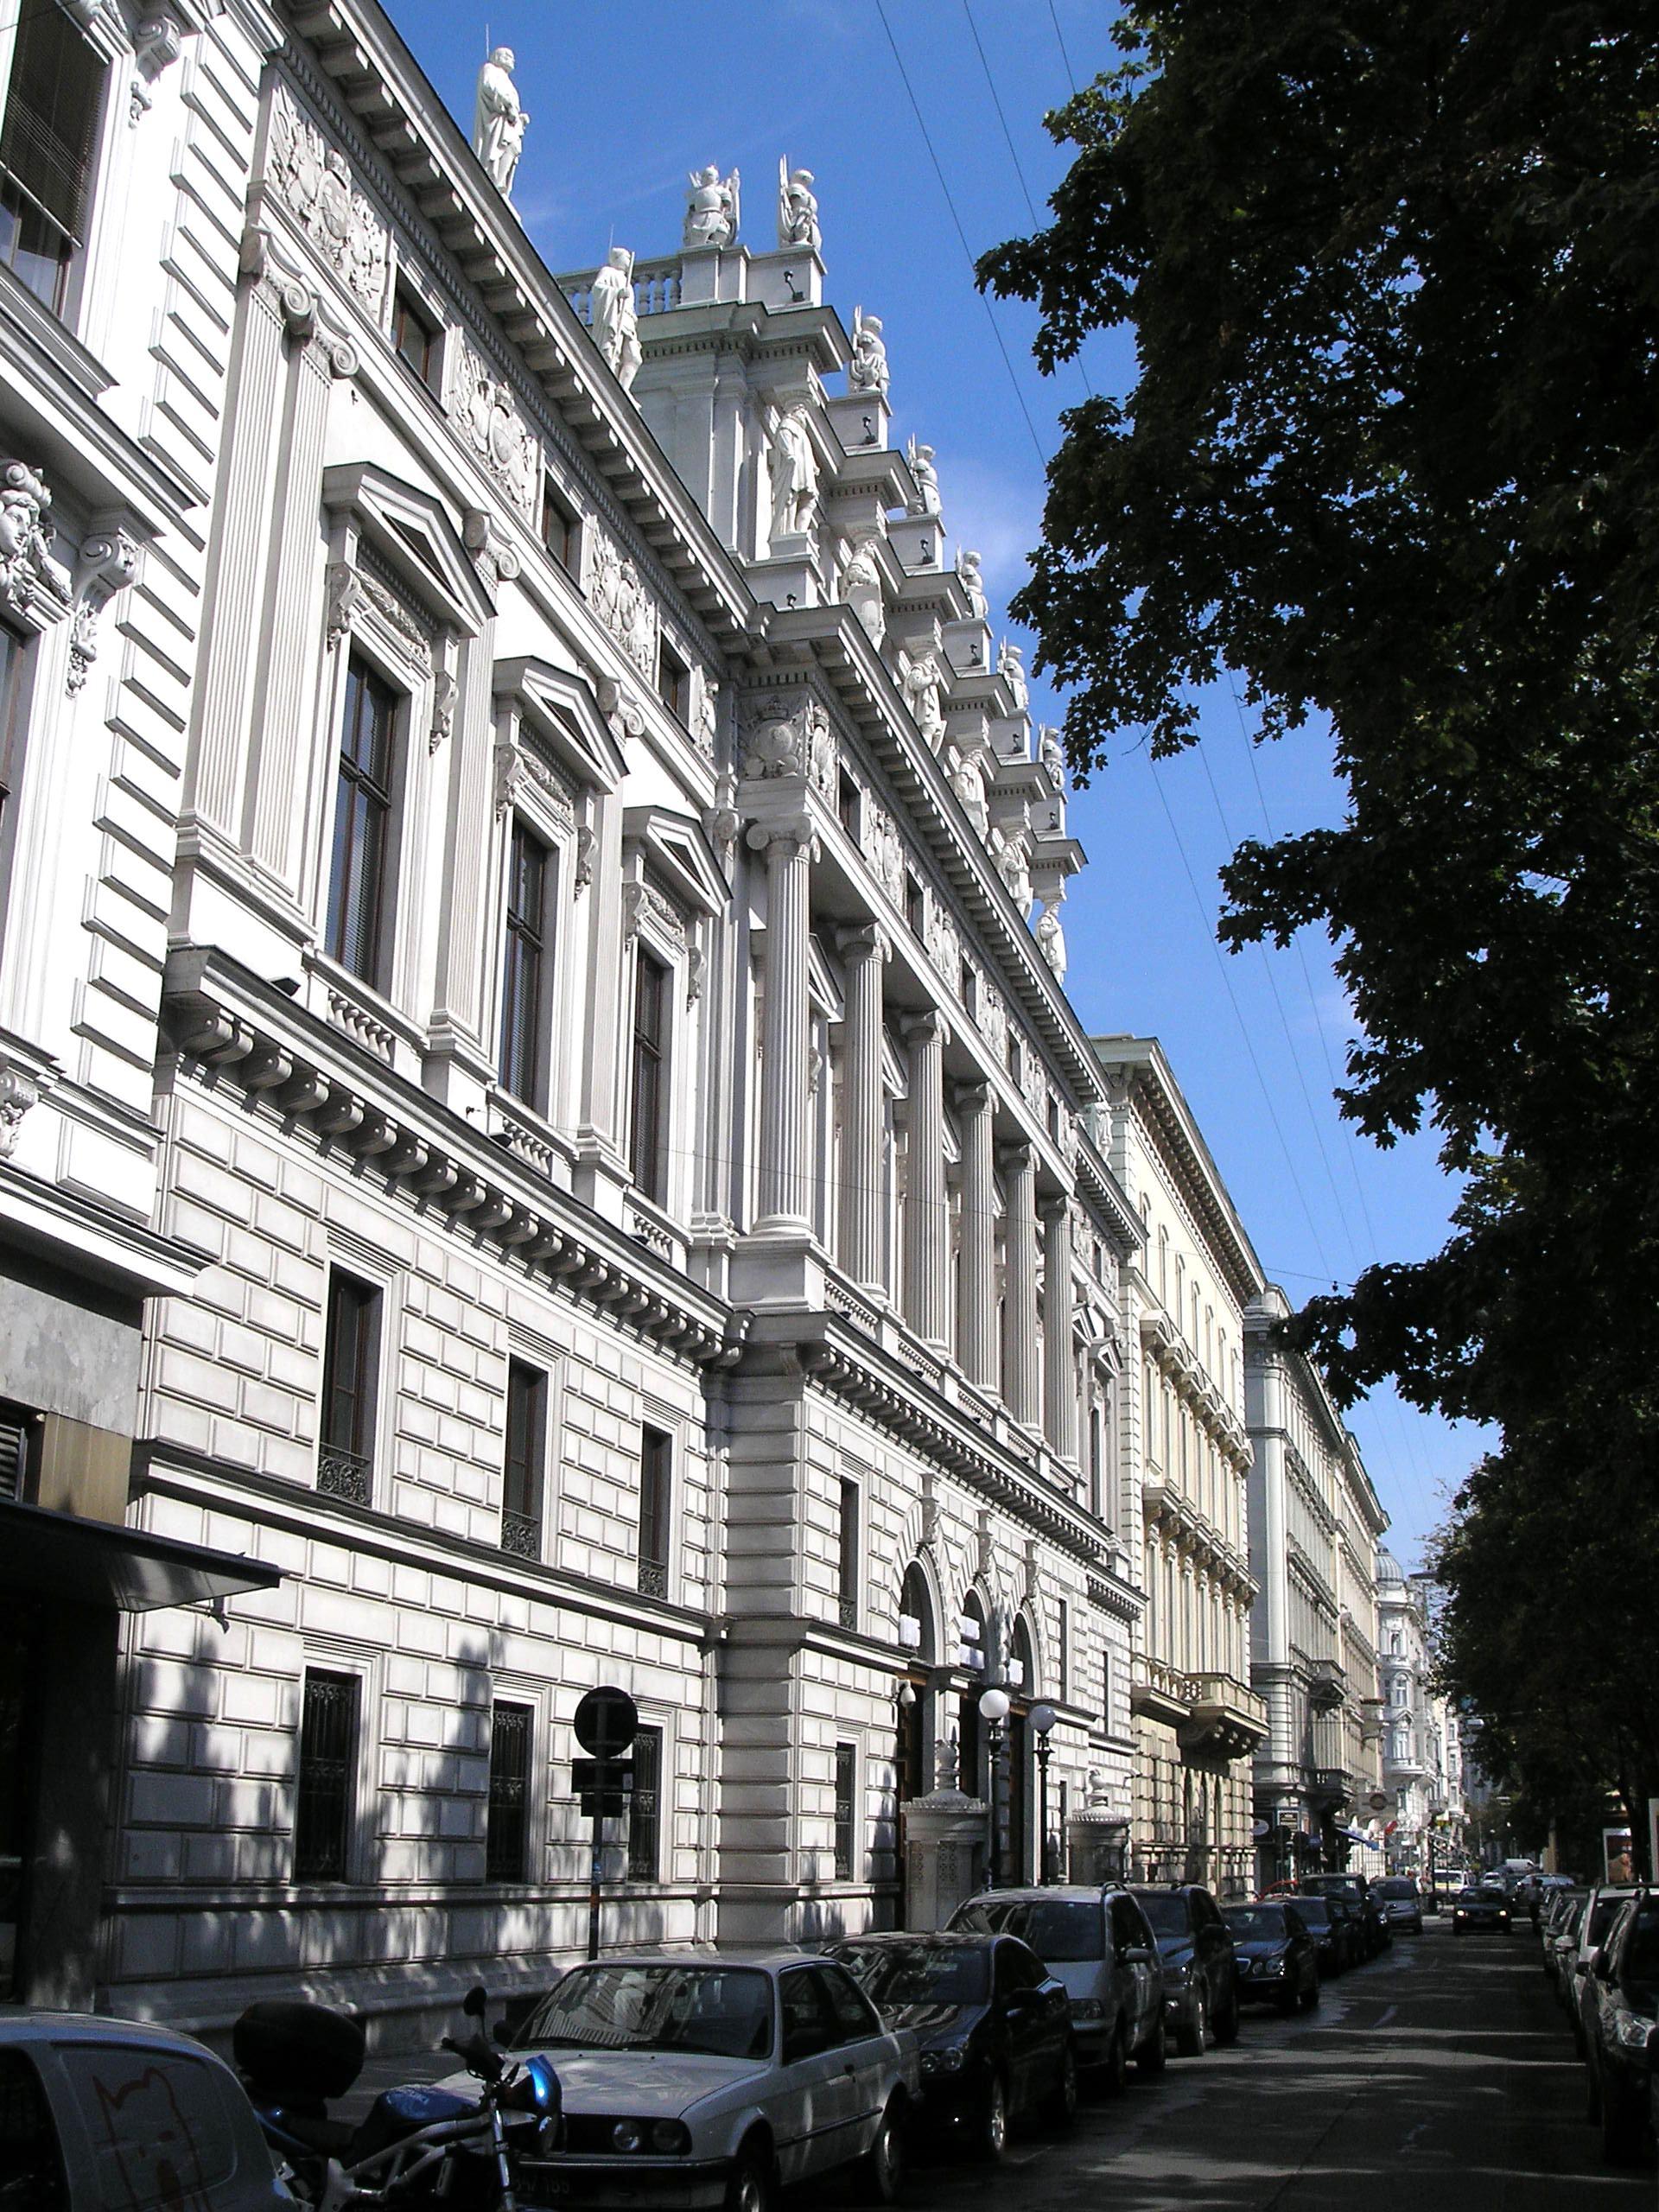 Palais Wilhelm Vienna August 2006 006.jpg